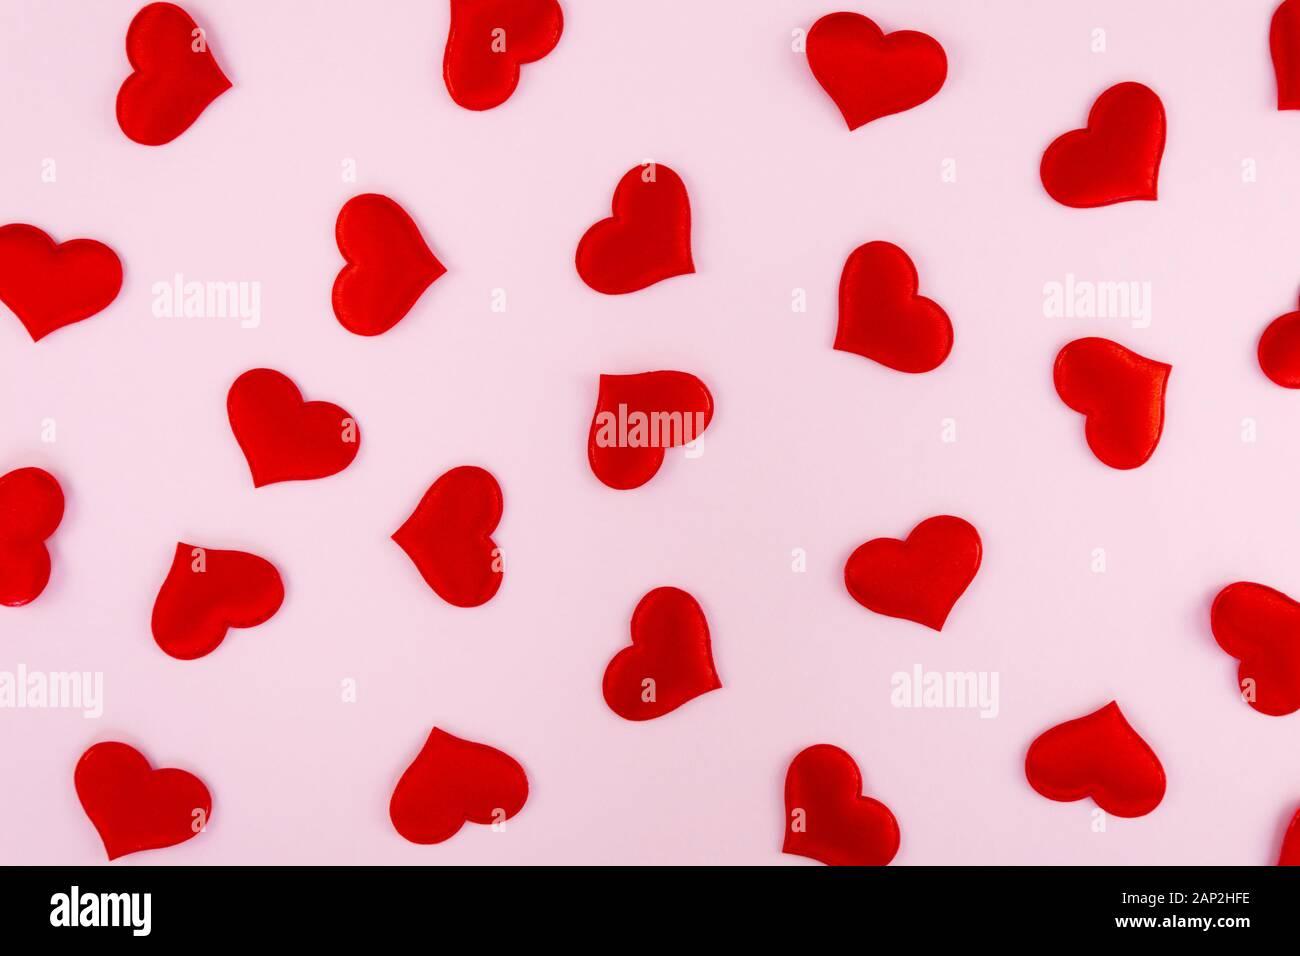 Cuori rossi sparsi su un sfondo rosa con spazio libero per il testo Foto Stock